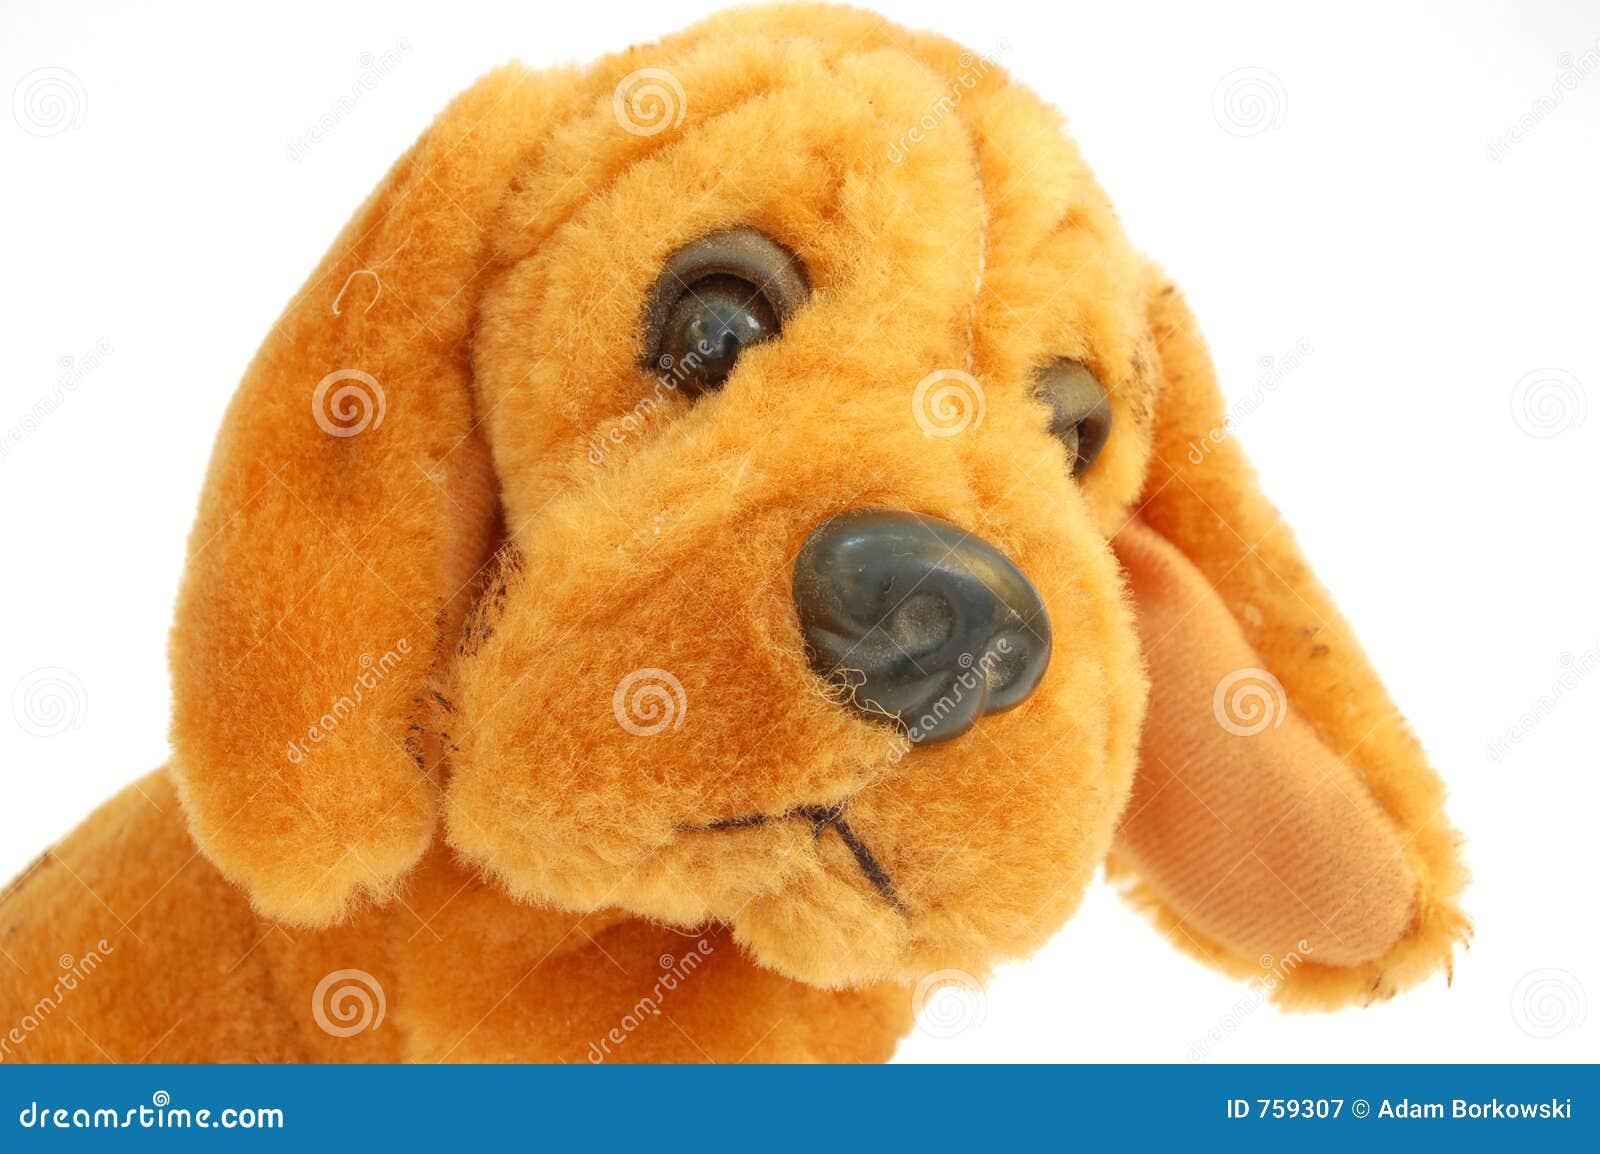 Cane - giocattolo